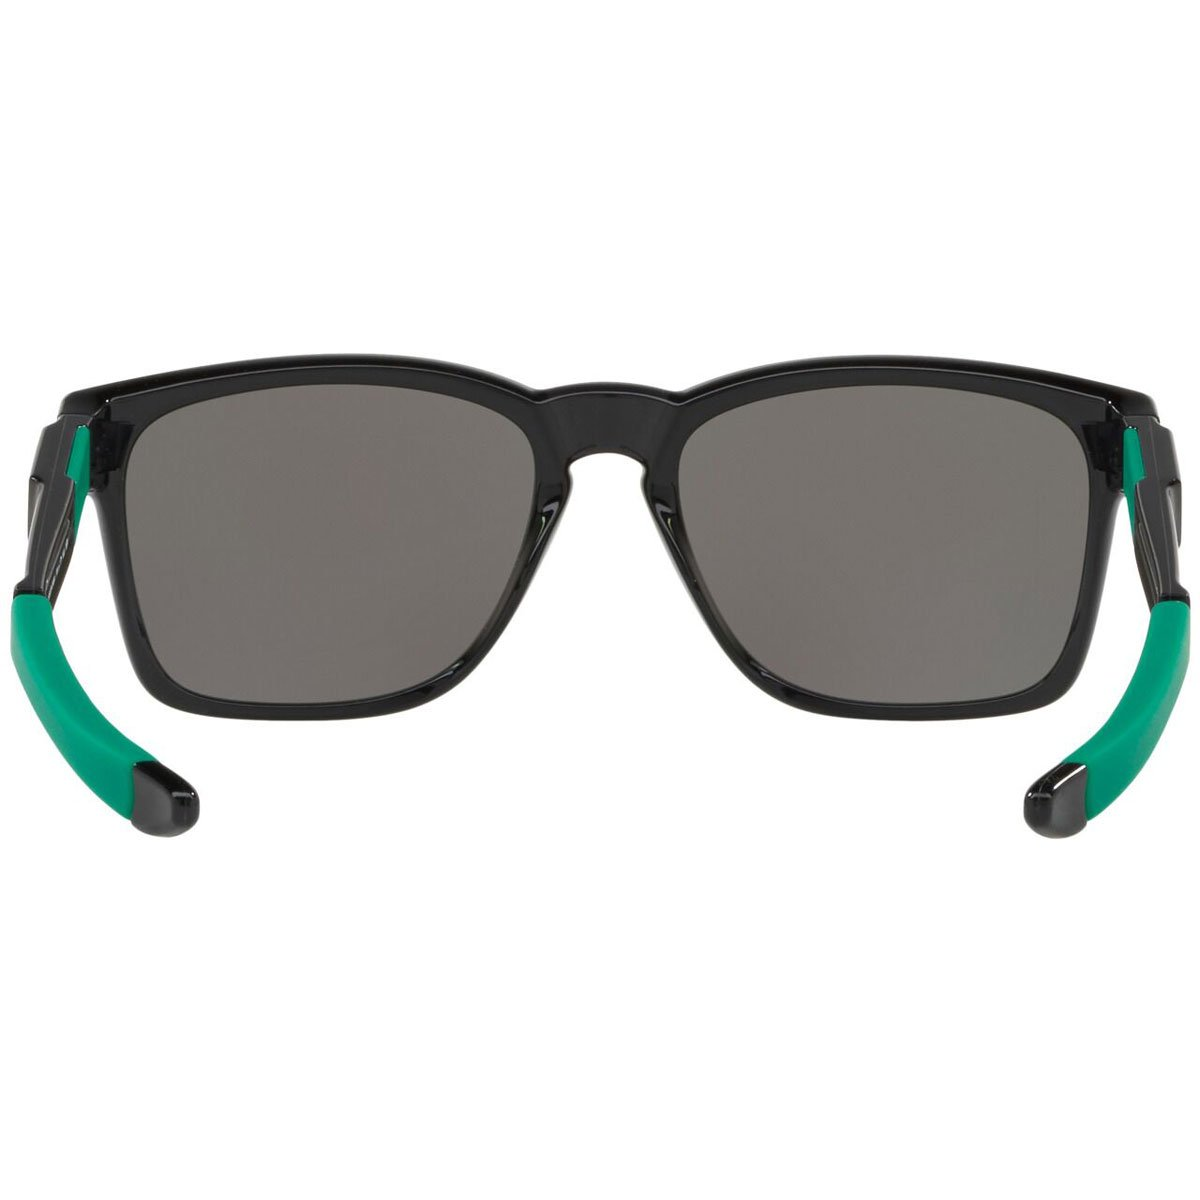 fa99a1bc9 Amazon.com: Oakley Men's Catalyst Square Sunglasses: Clothing